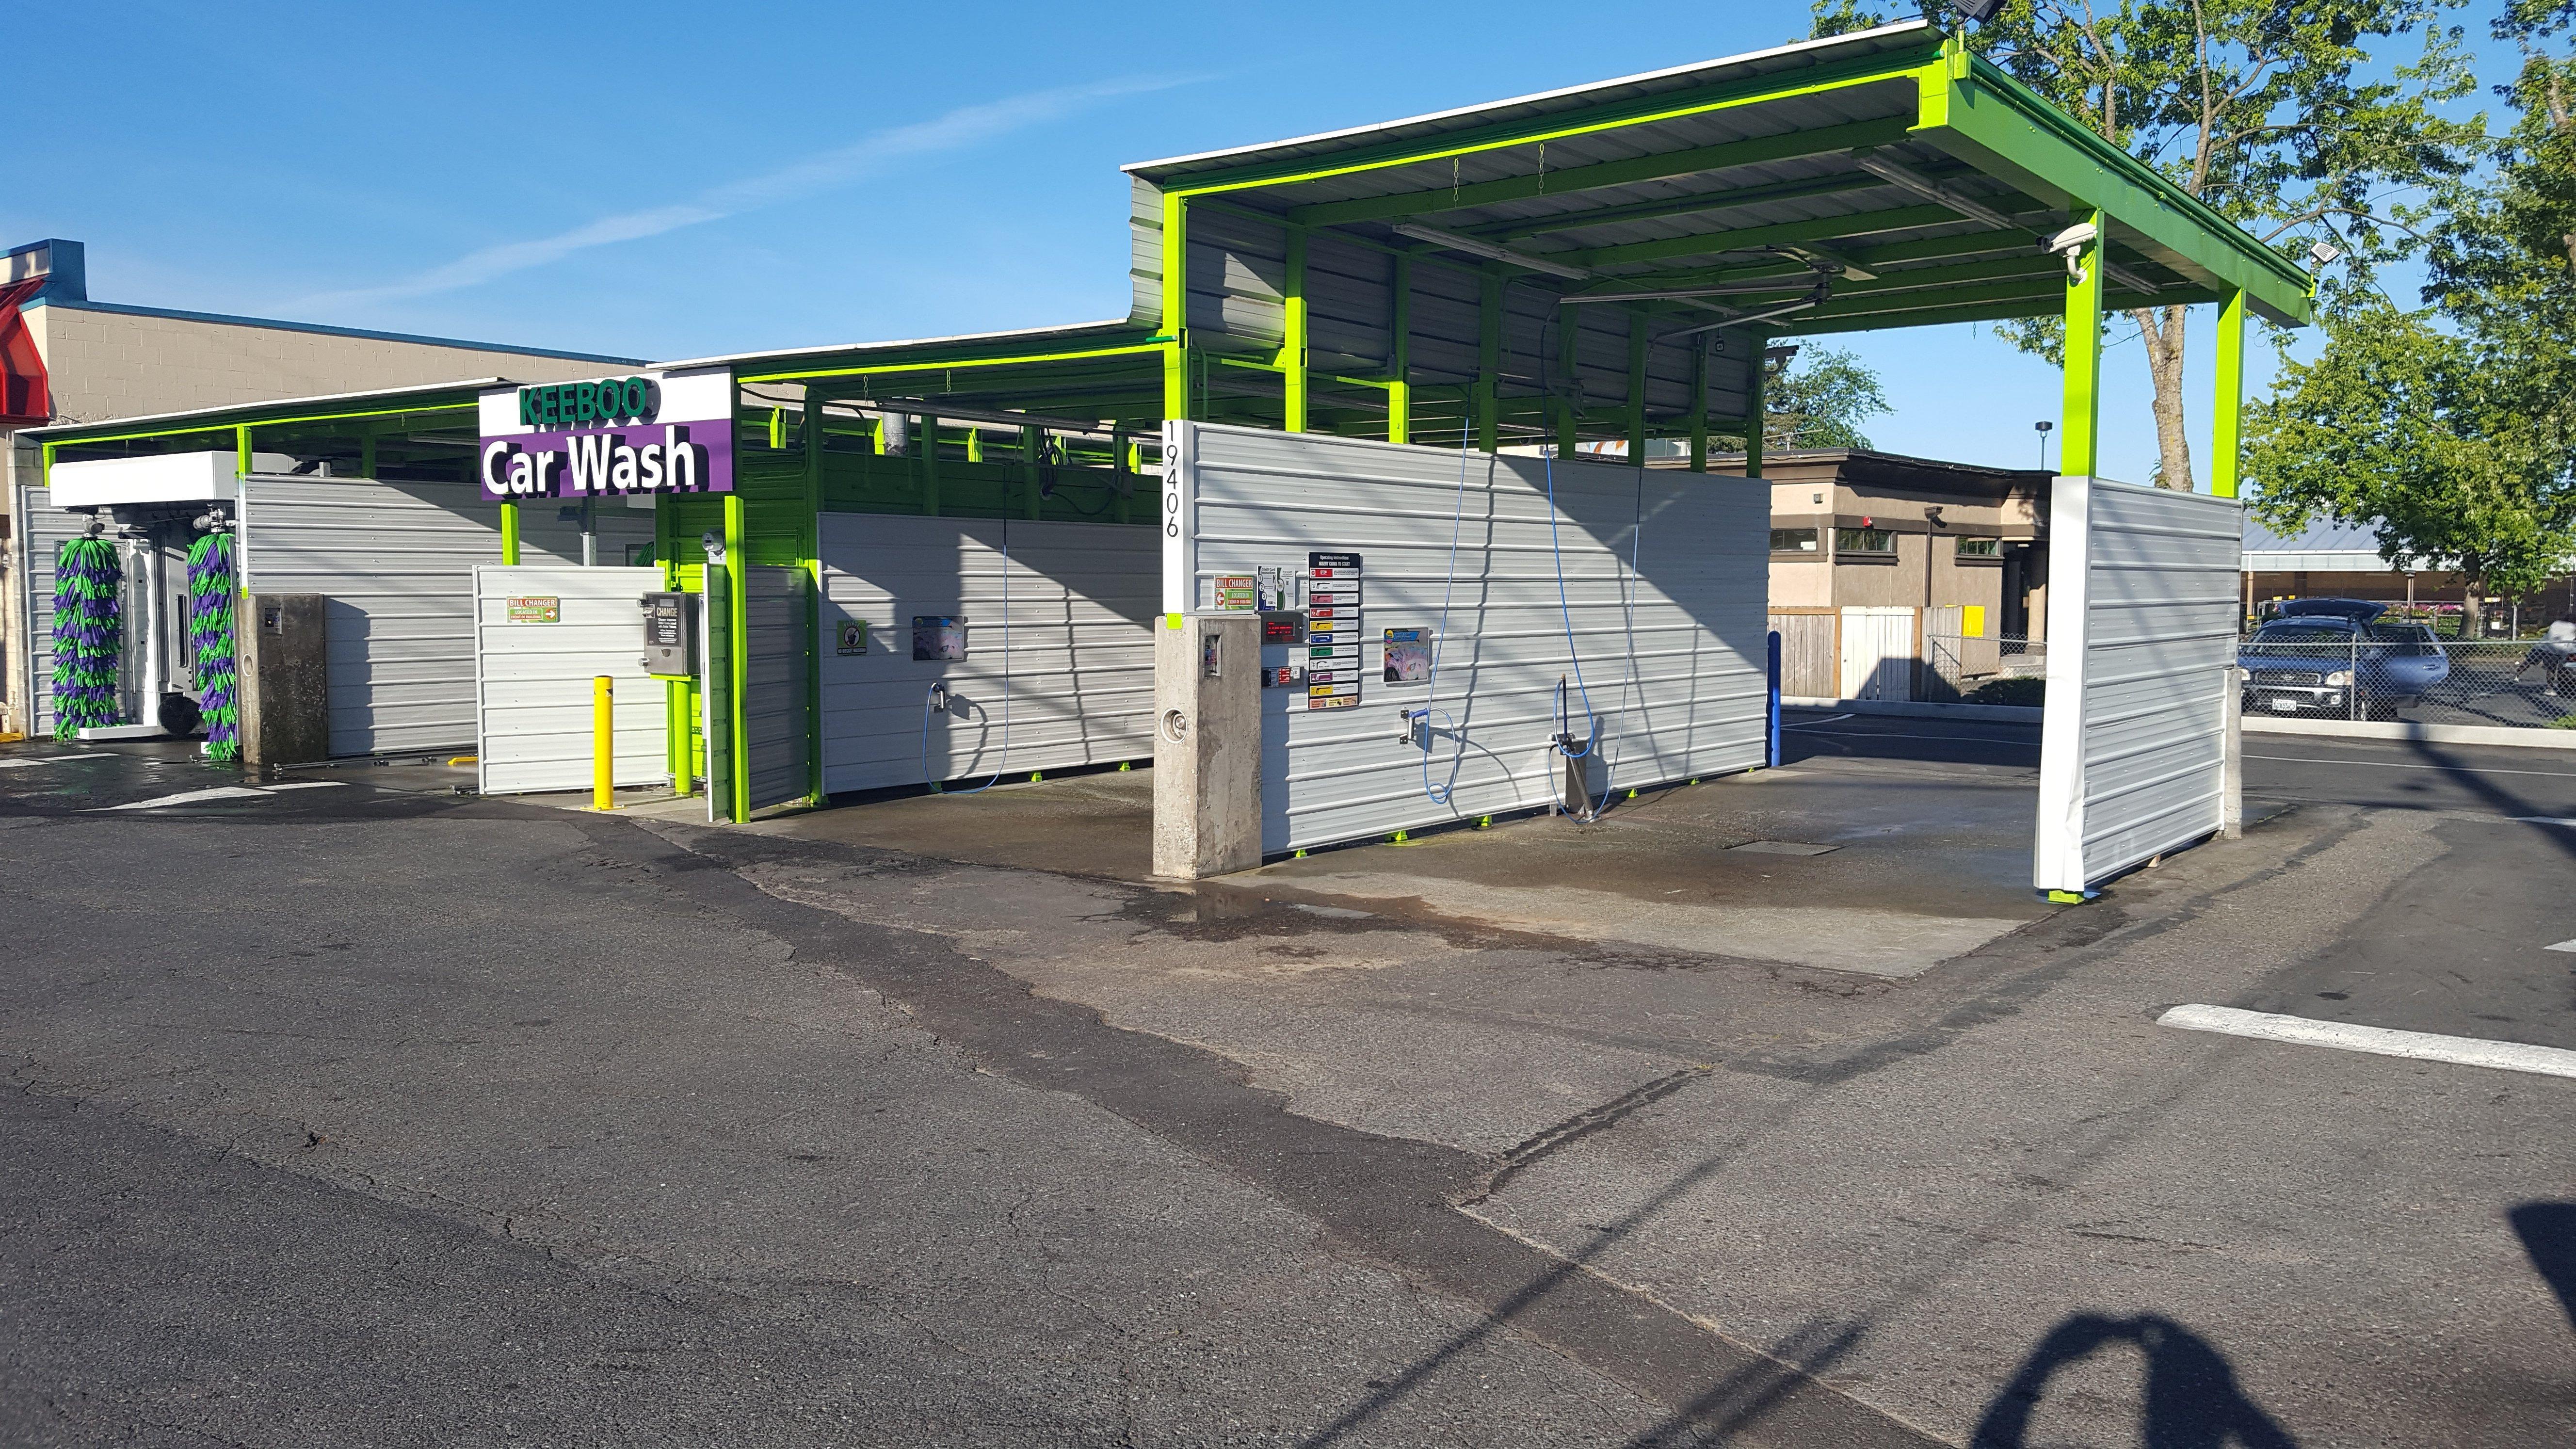 Mr Kleen Car Wash Prices